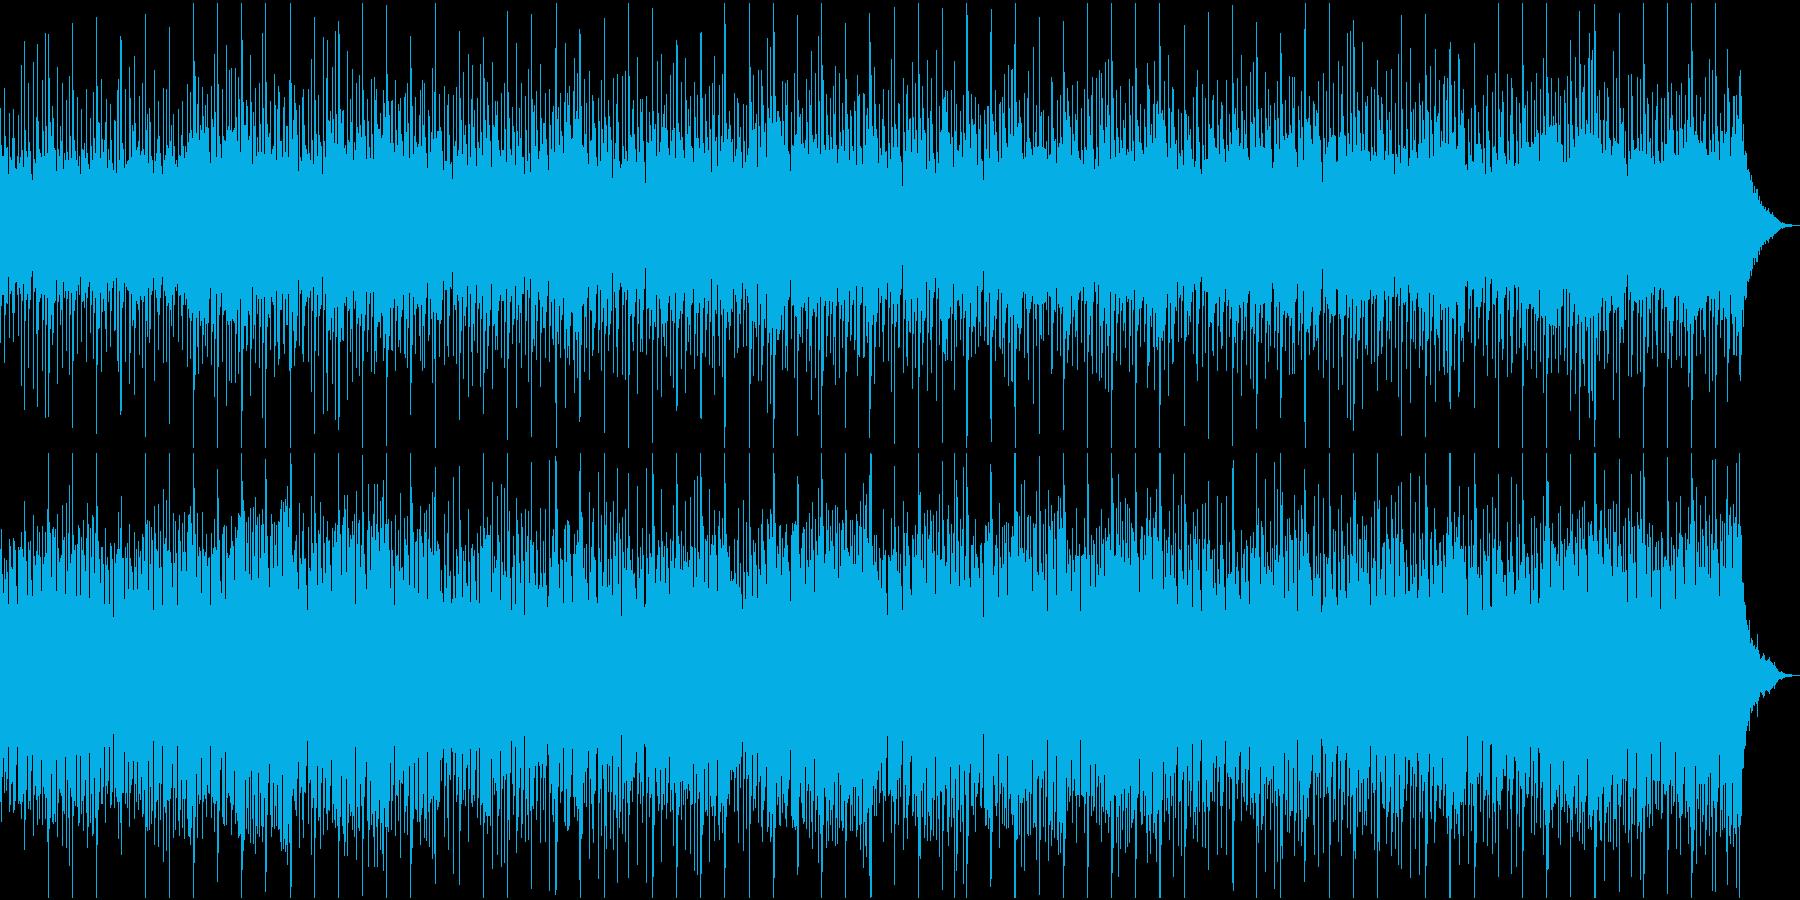 幻想的でゆったりとした雰囲気のEDMの再生済みの波形